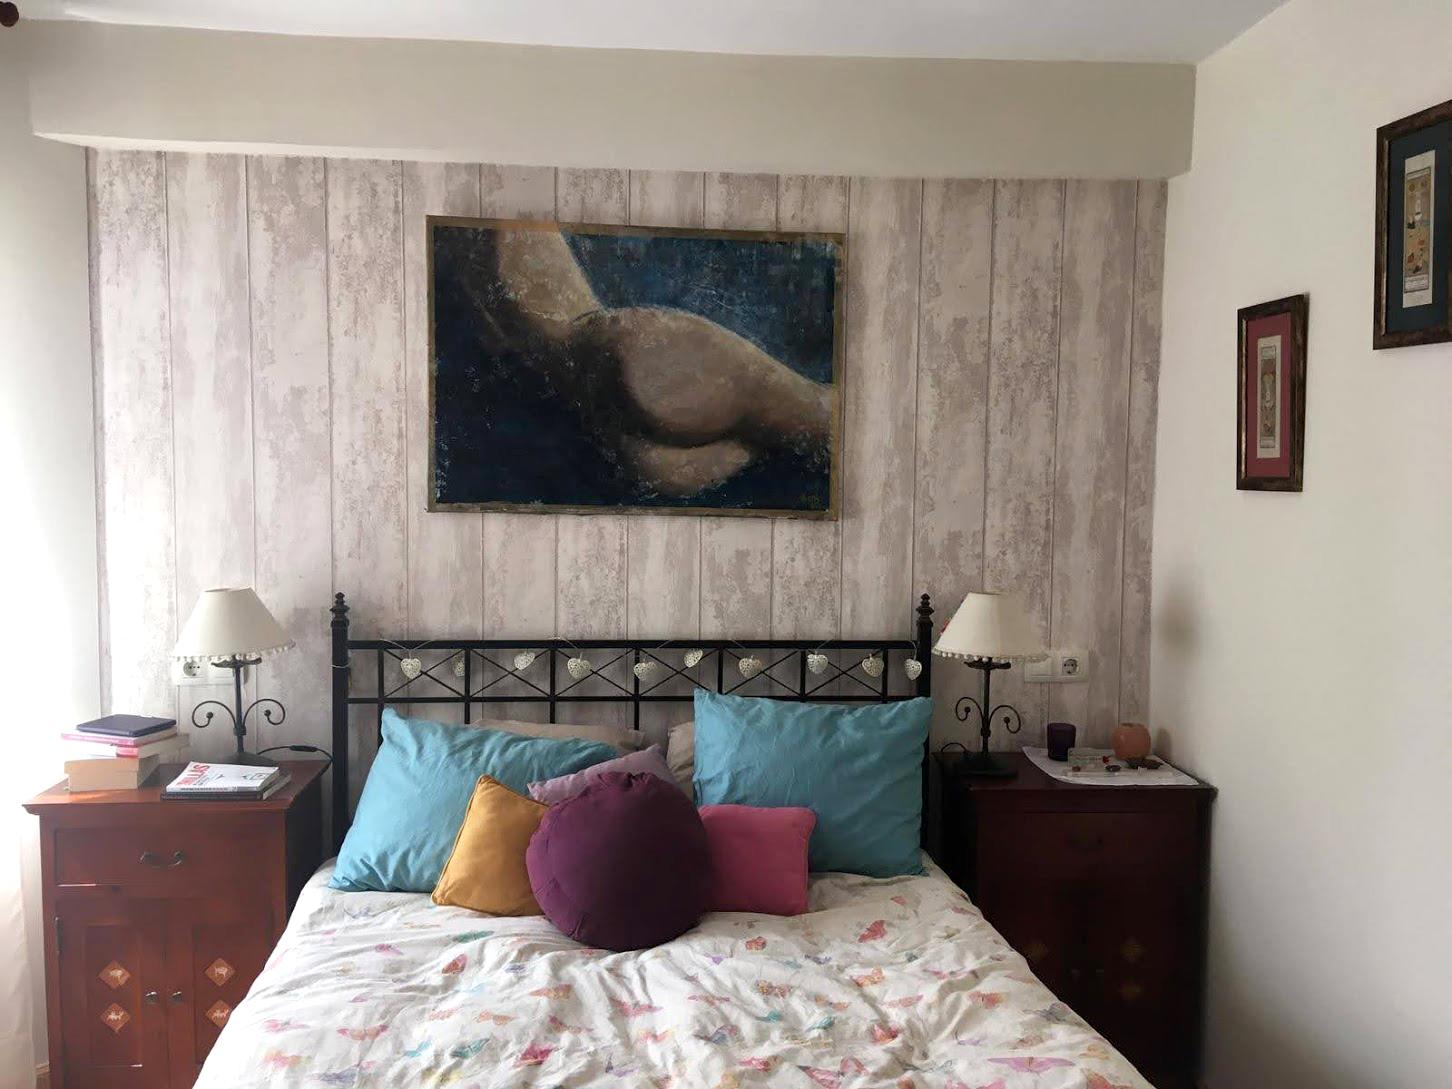 decoracion de dormitorio desnudo sensual erotico femenino